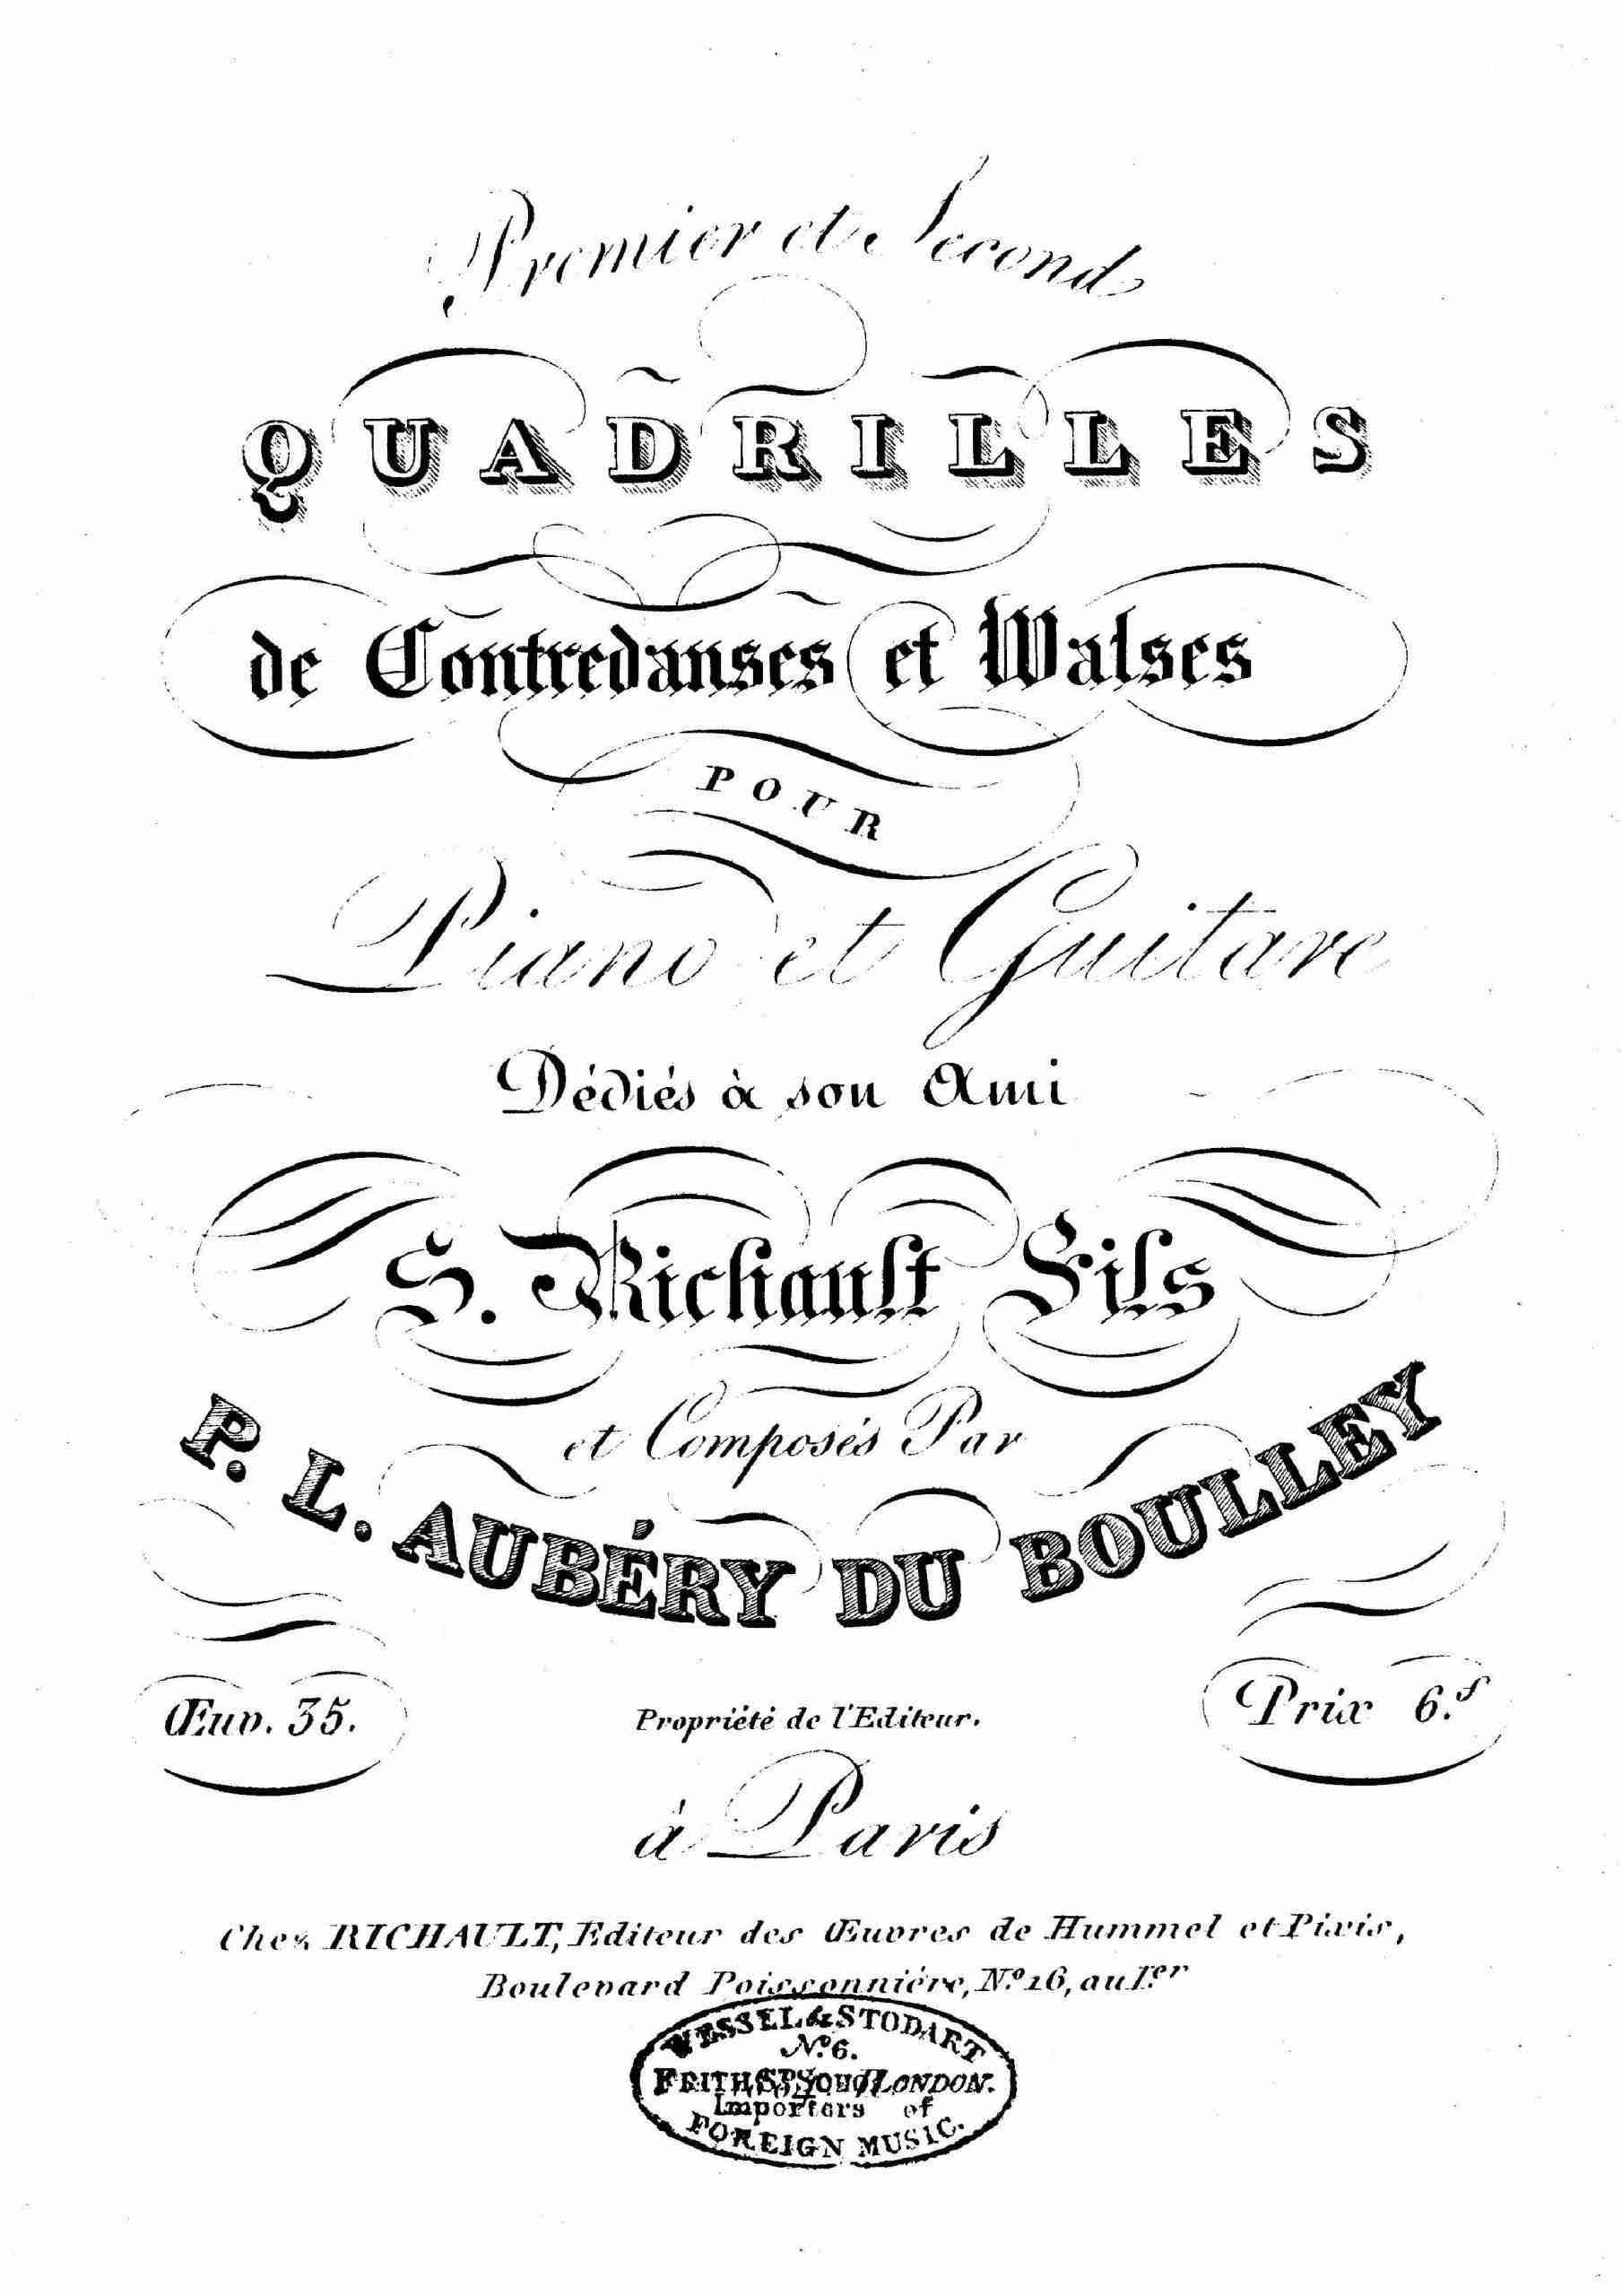 Aubéry du Boulley, Prudent Louis - 1er et 2nd Quadrilles de Contredanses et Walses, Op.35